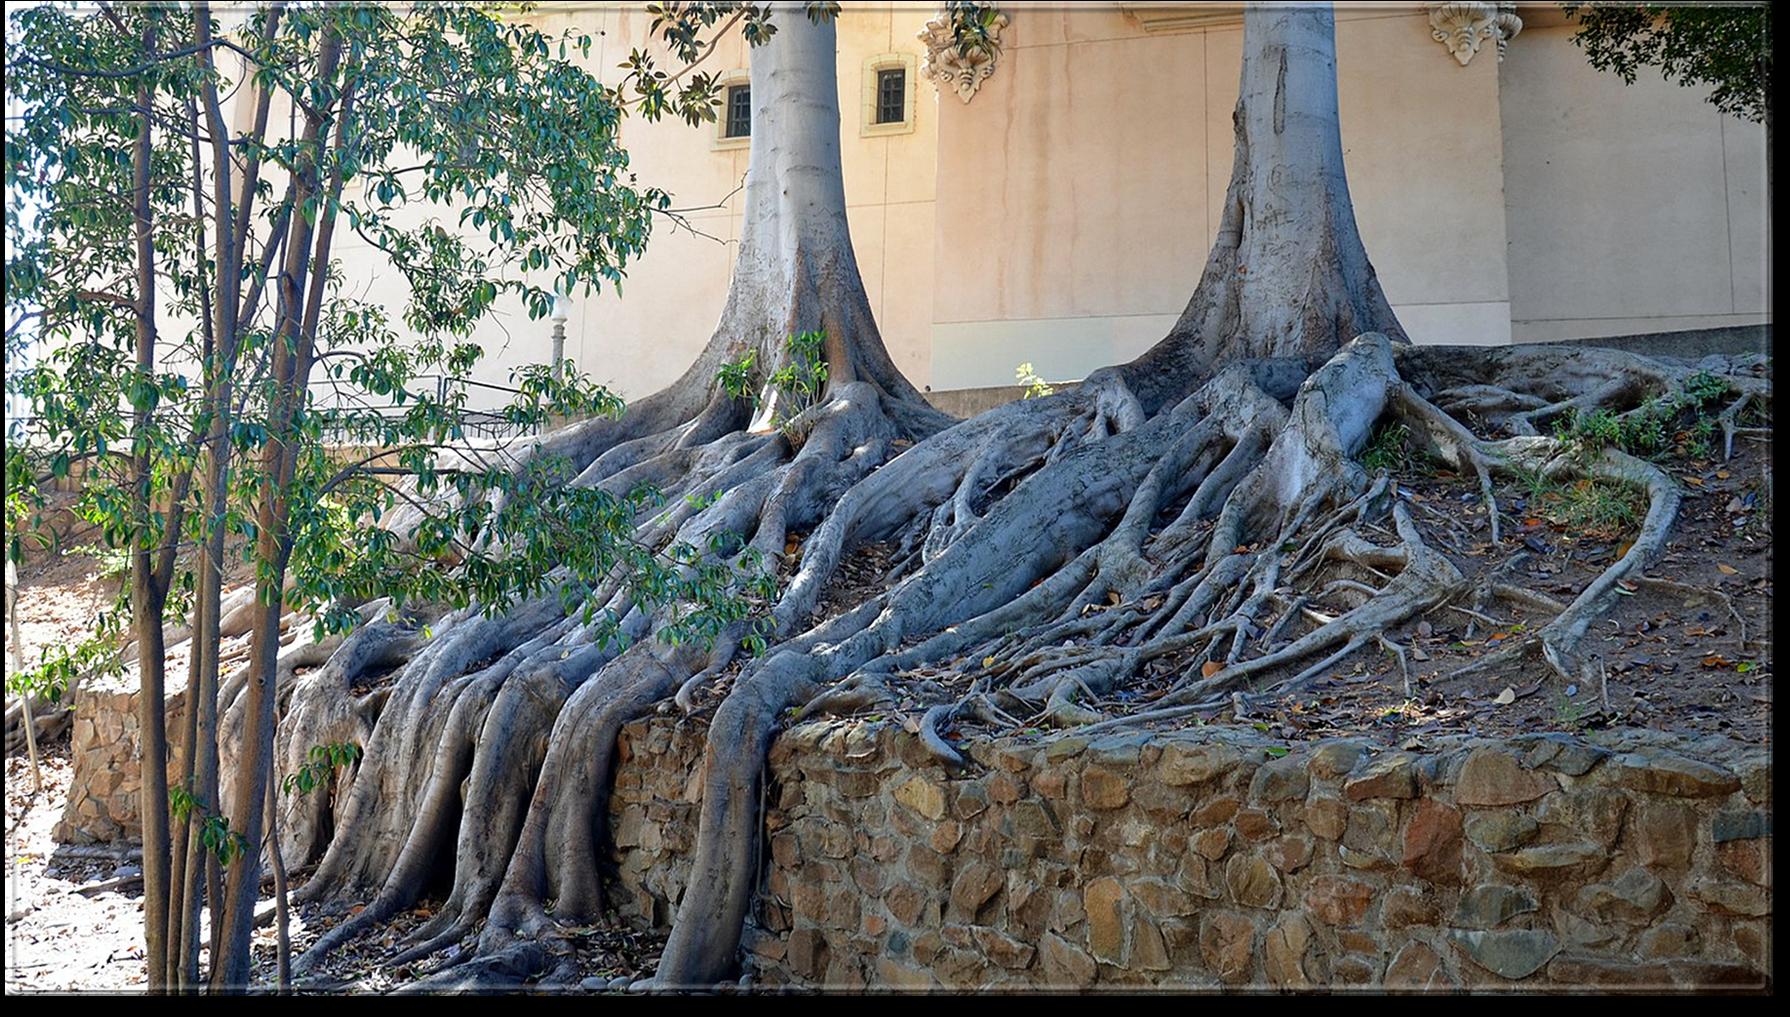 A tree in balboa park